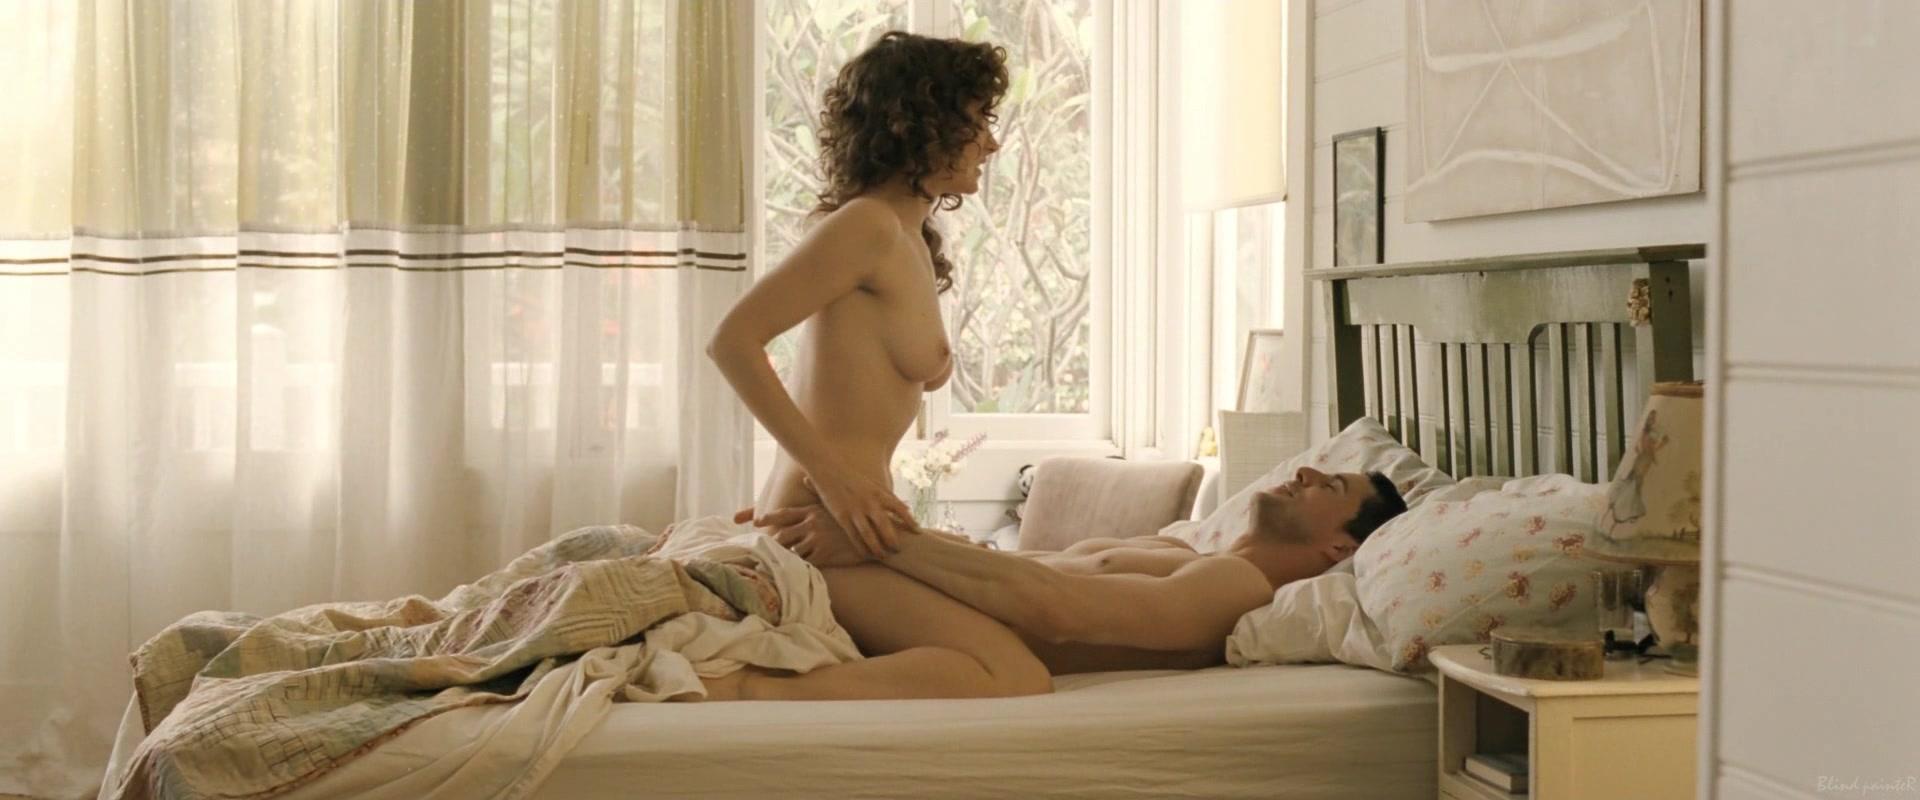 Secret pics nude-2923